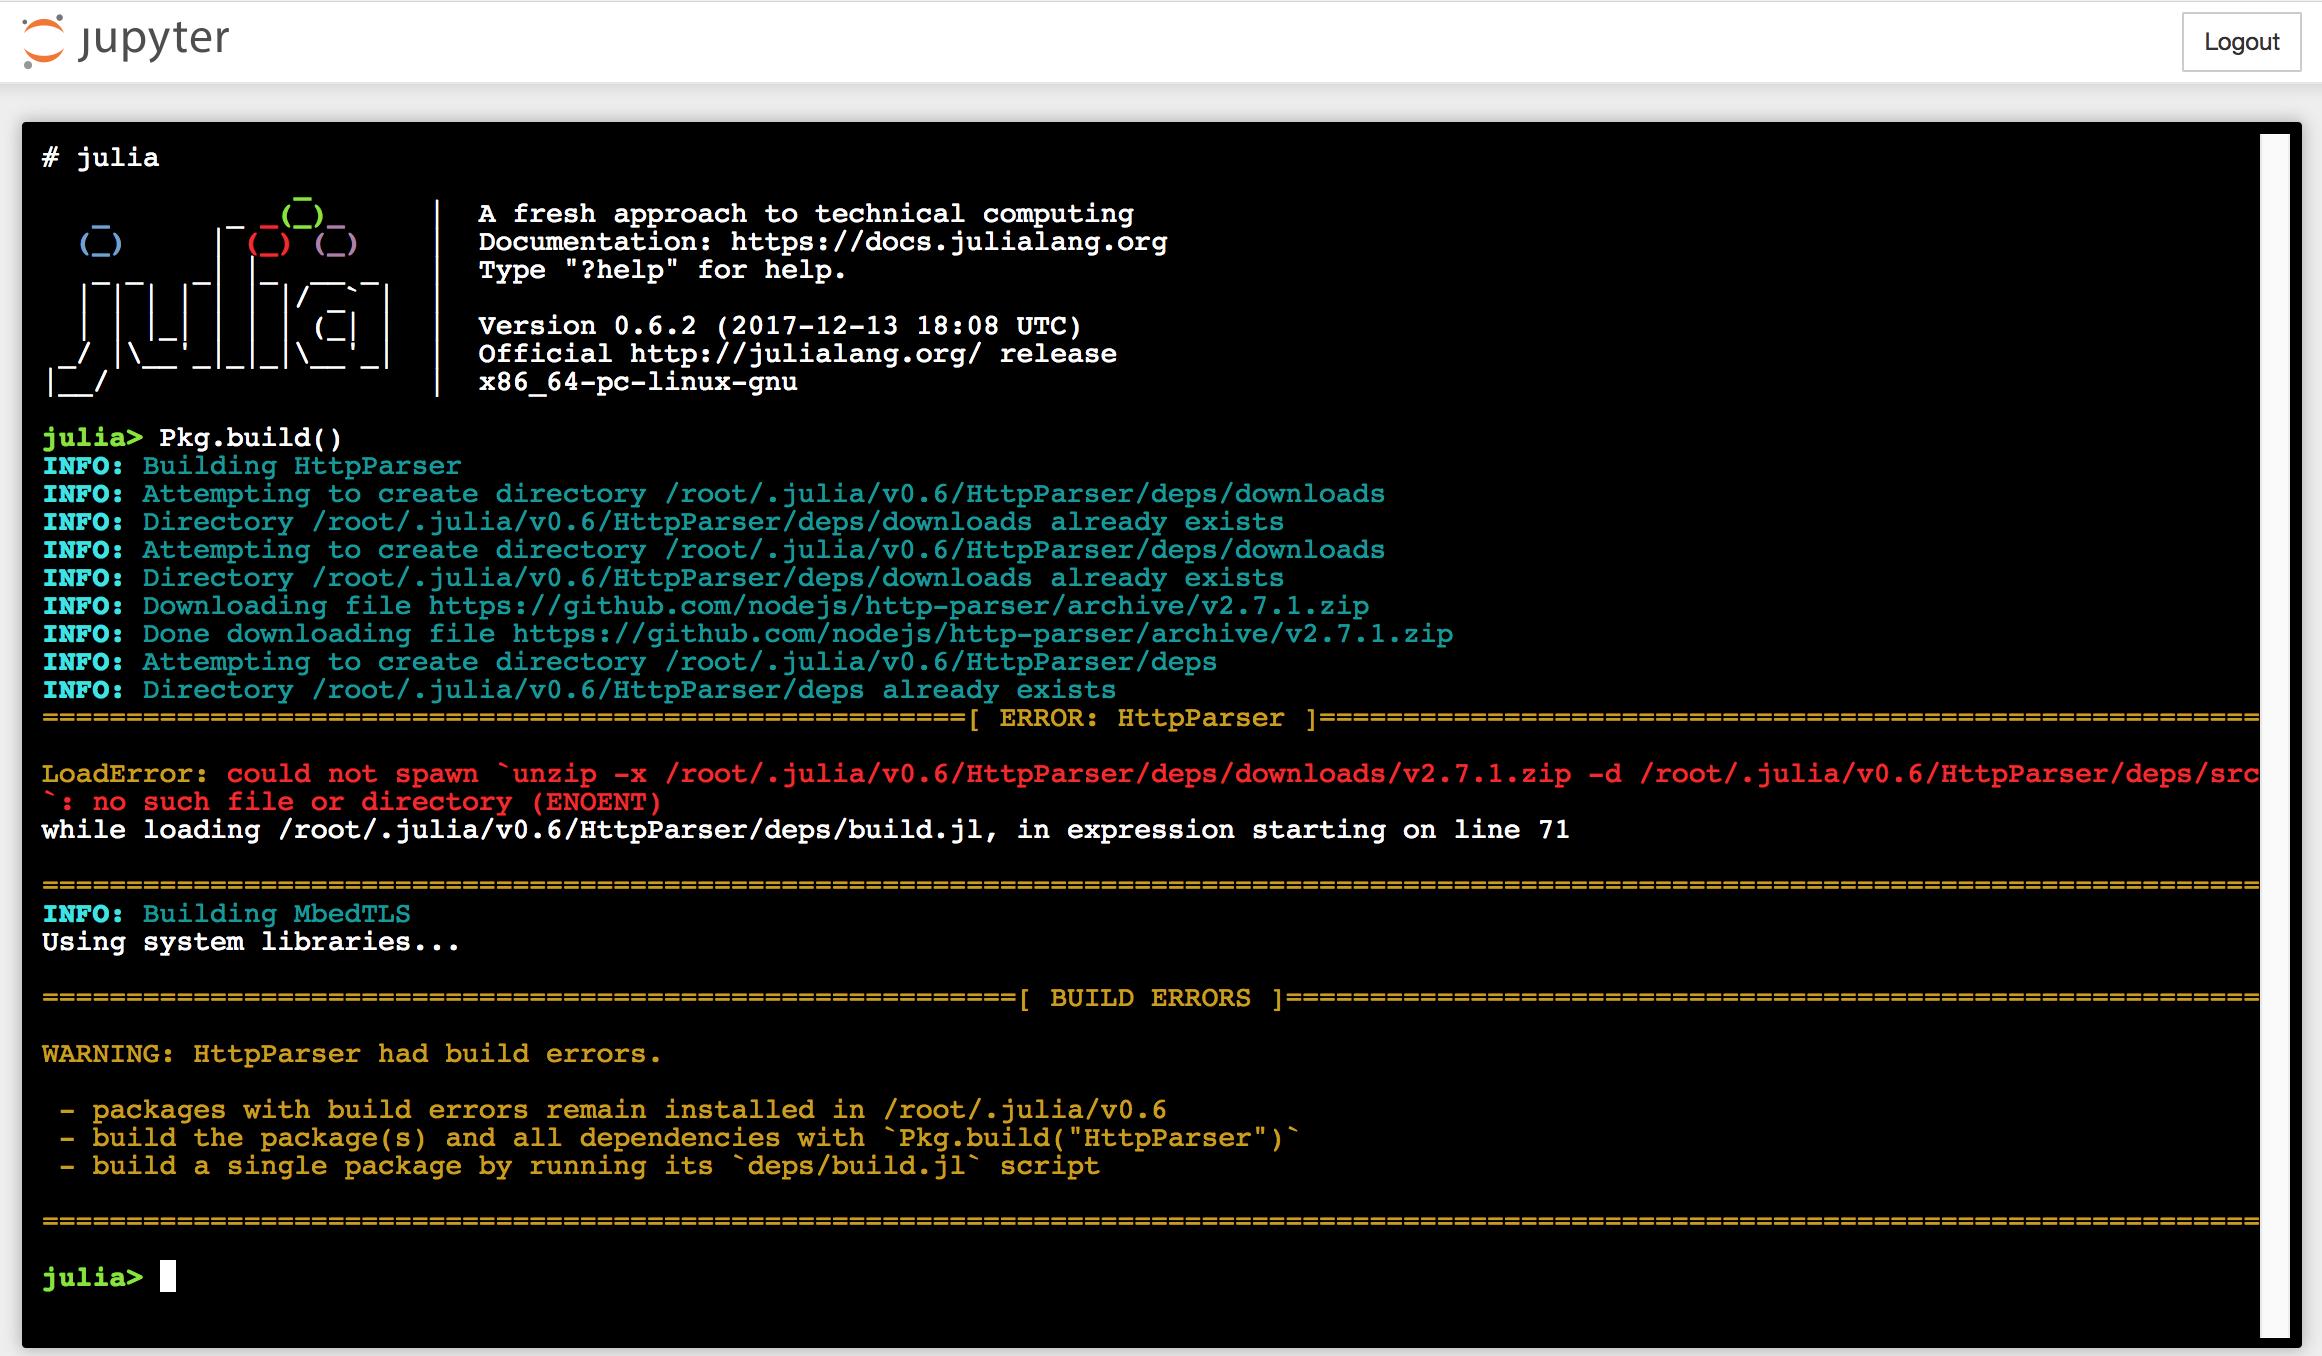 HttpParser Build Errors [LoadError: HttpParser not properly